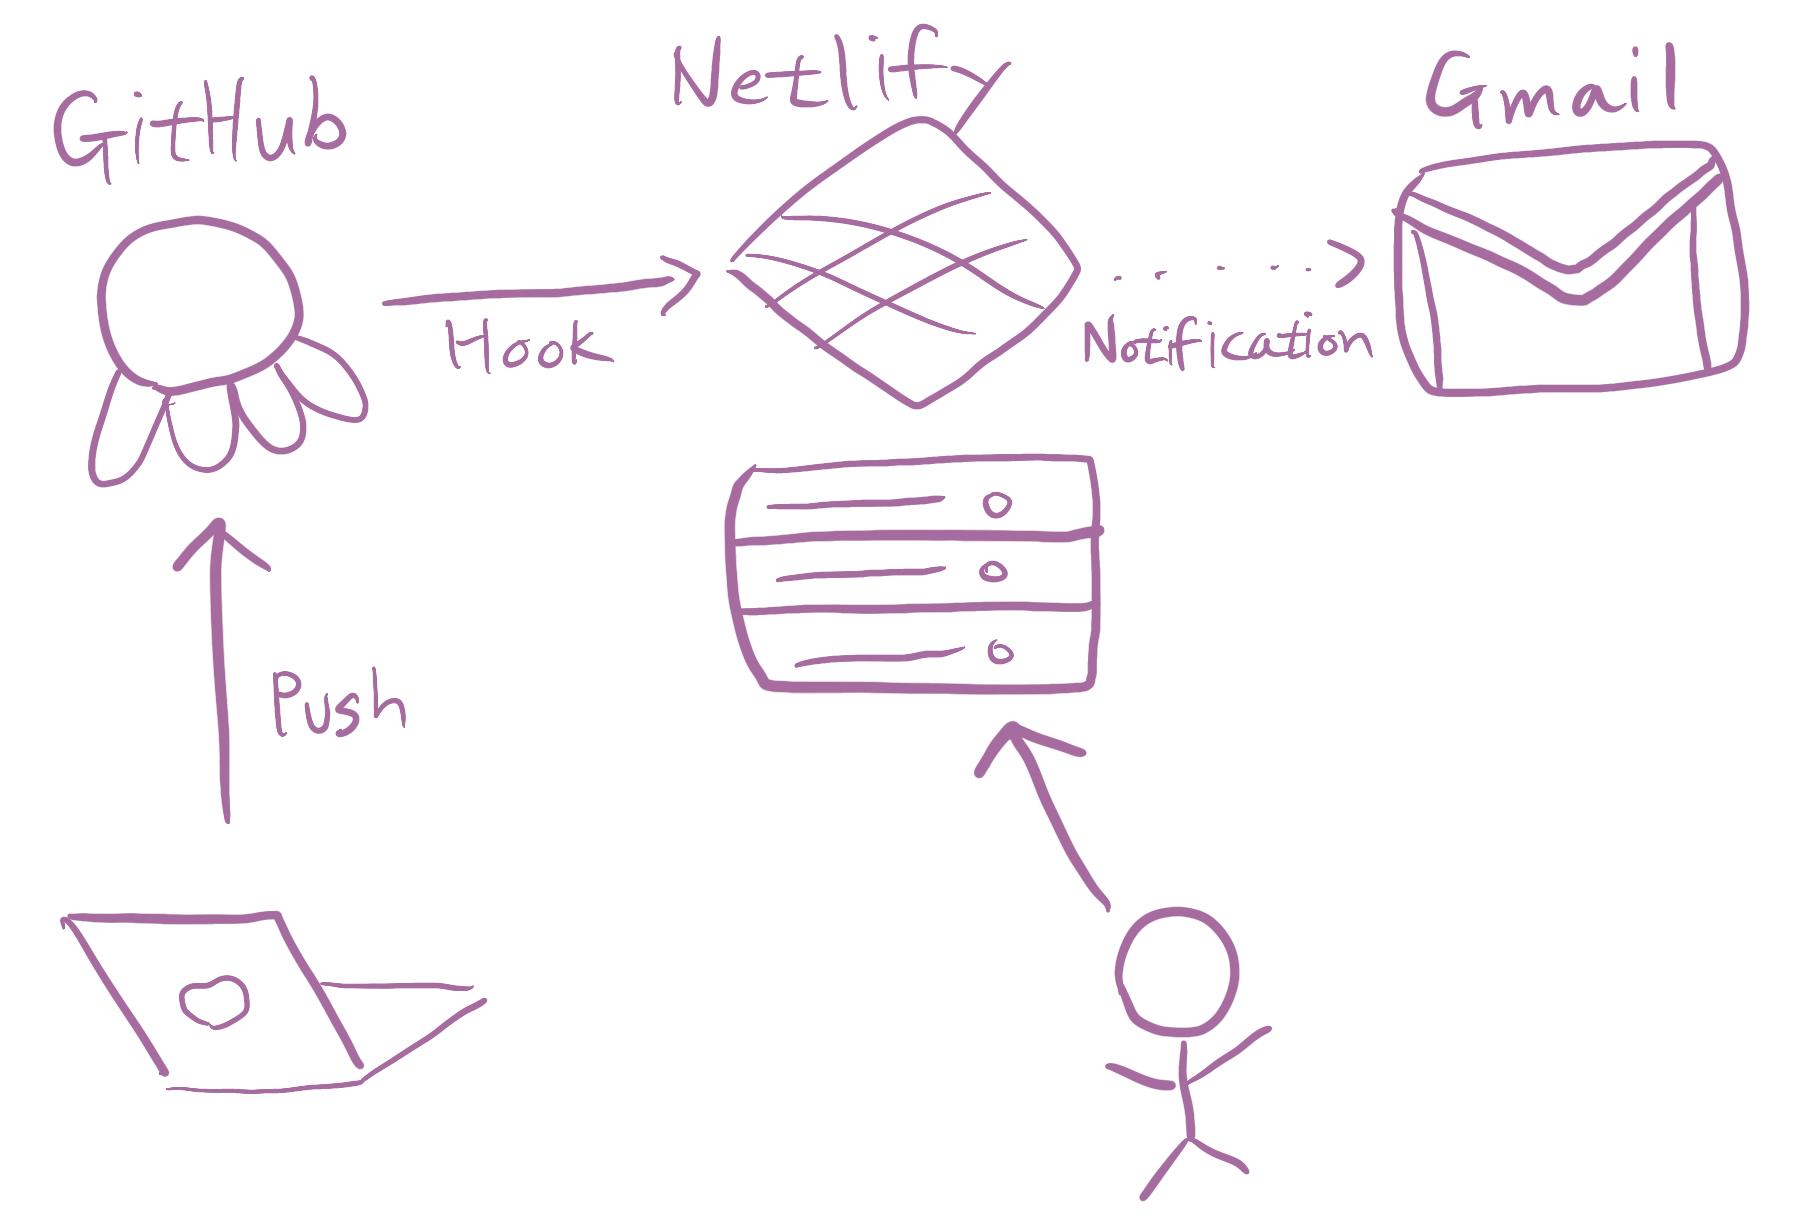 GitHub과 Netlify를 이용한 블로그 배포